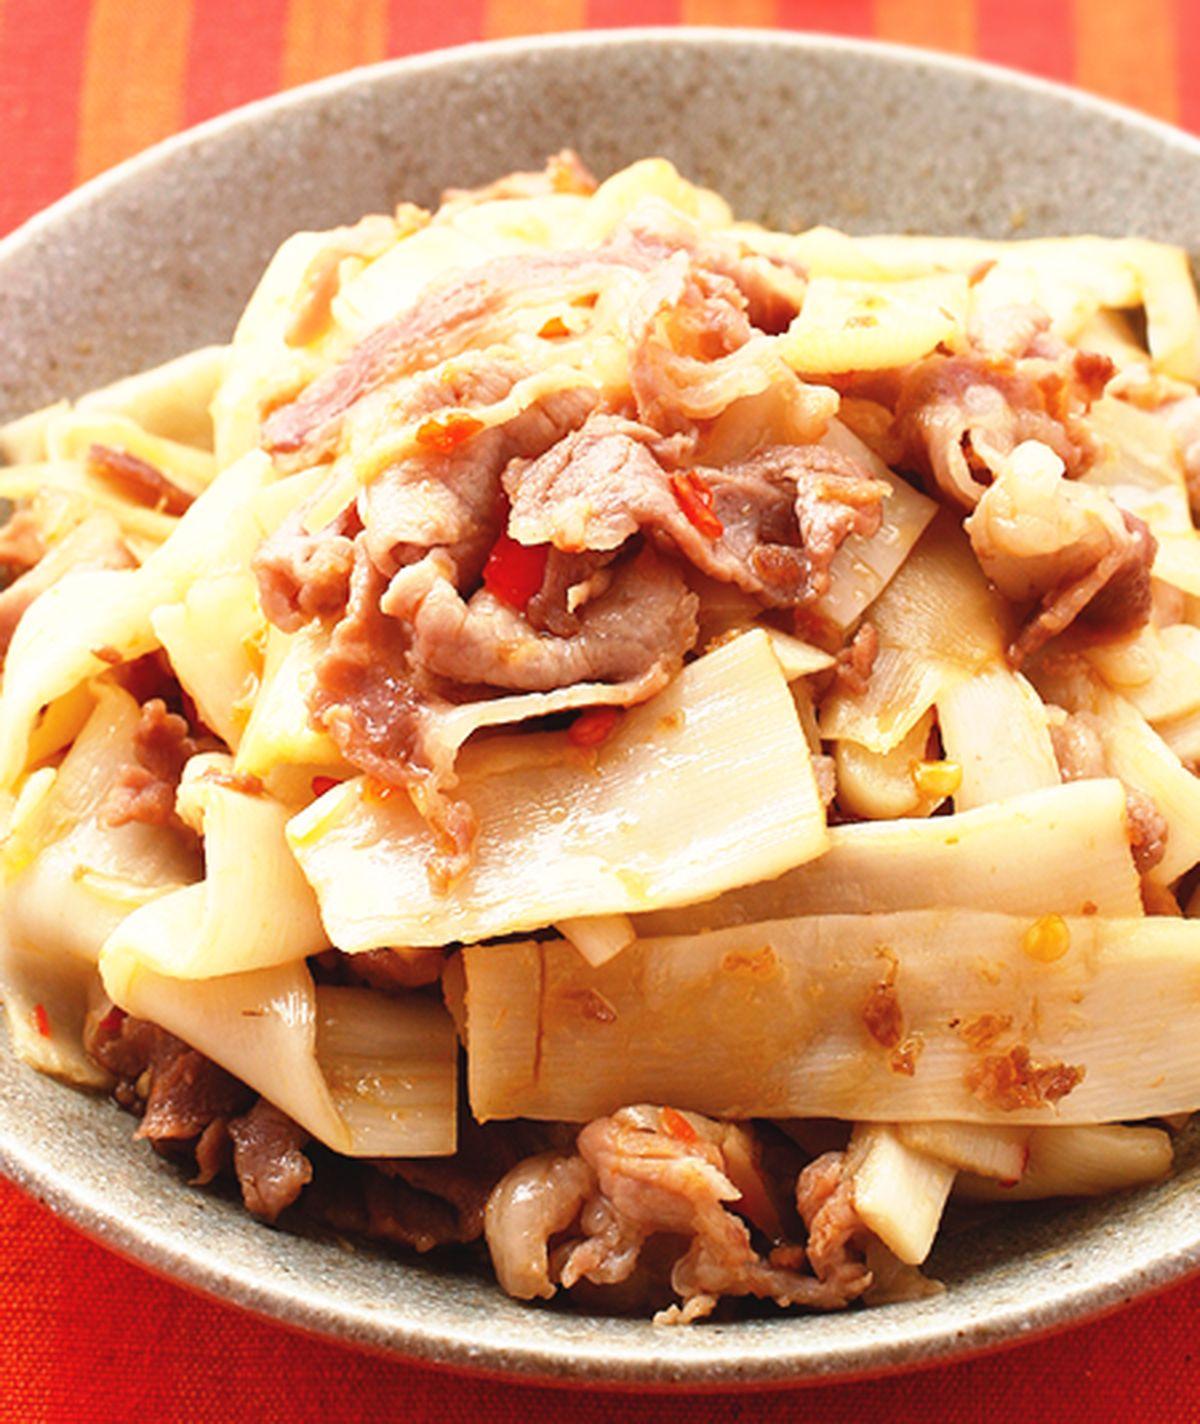 食譜:脆筍炒梅花肉片